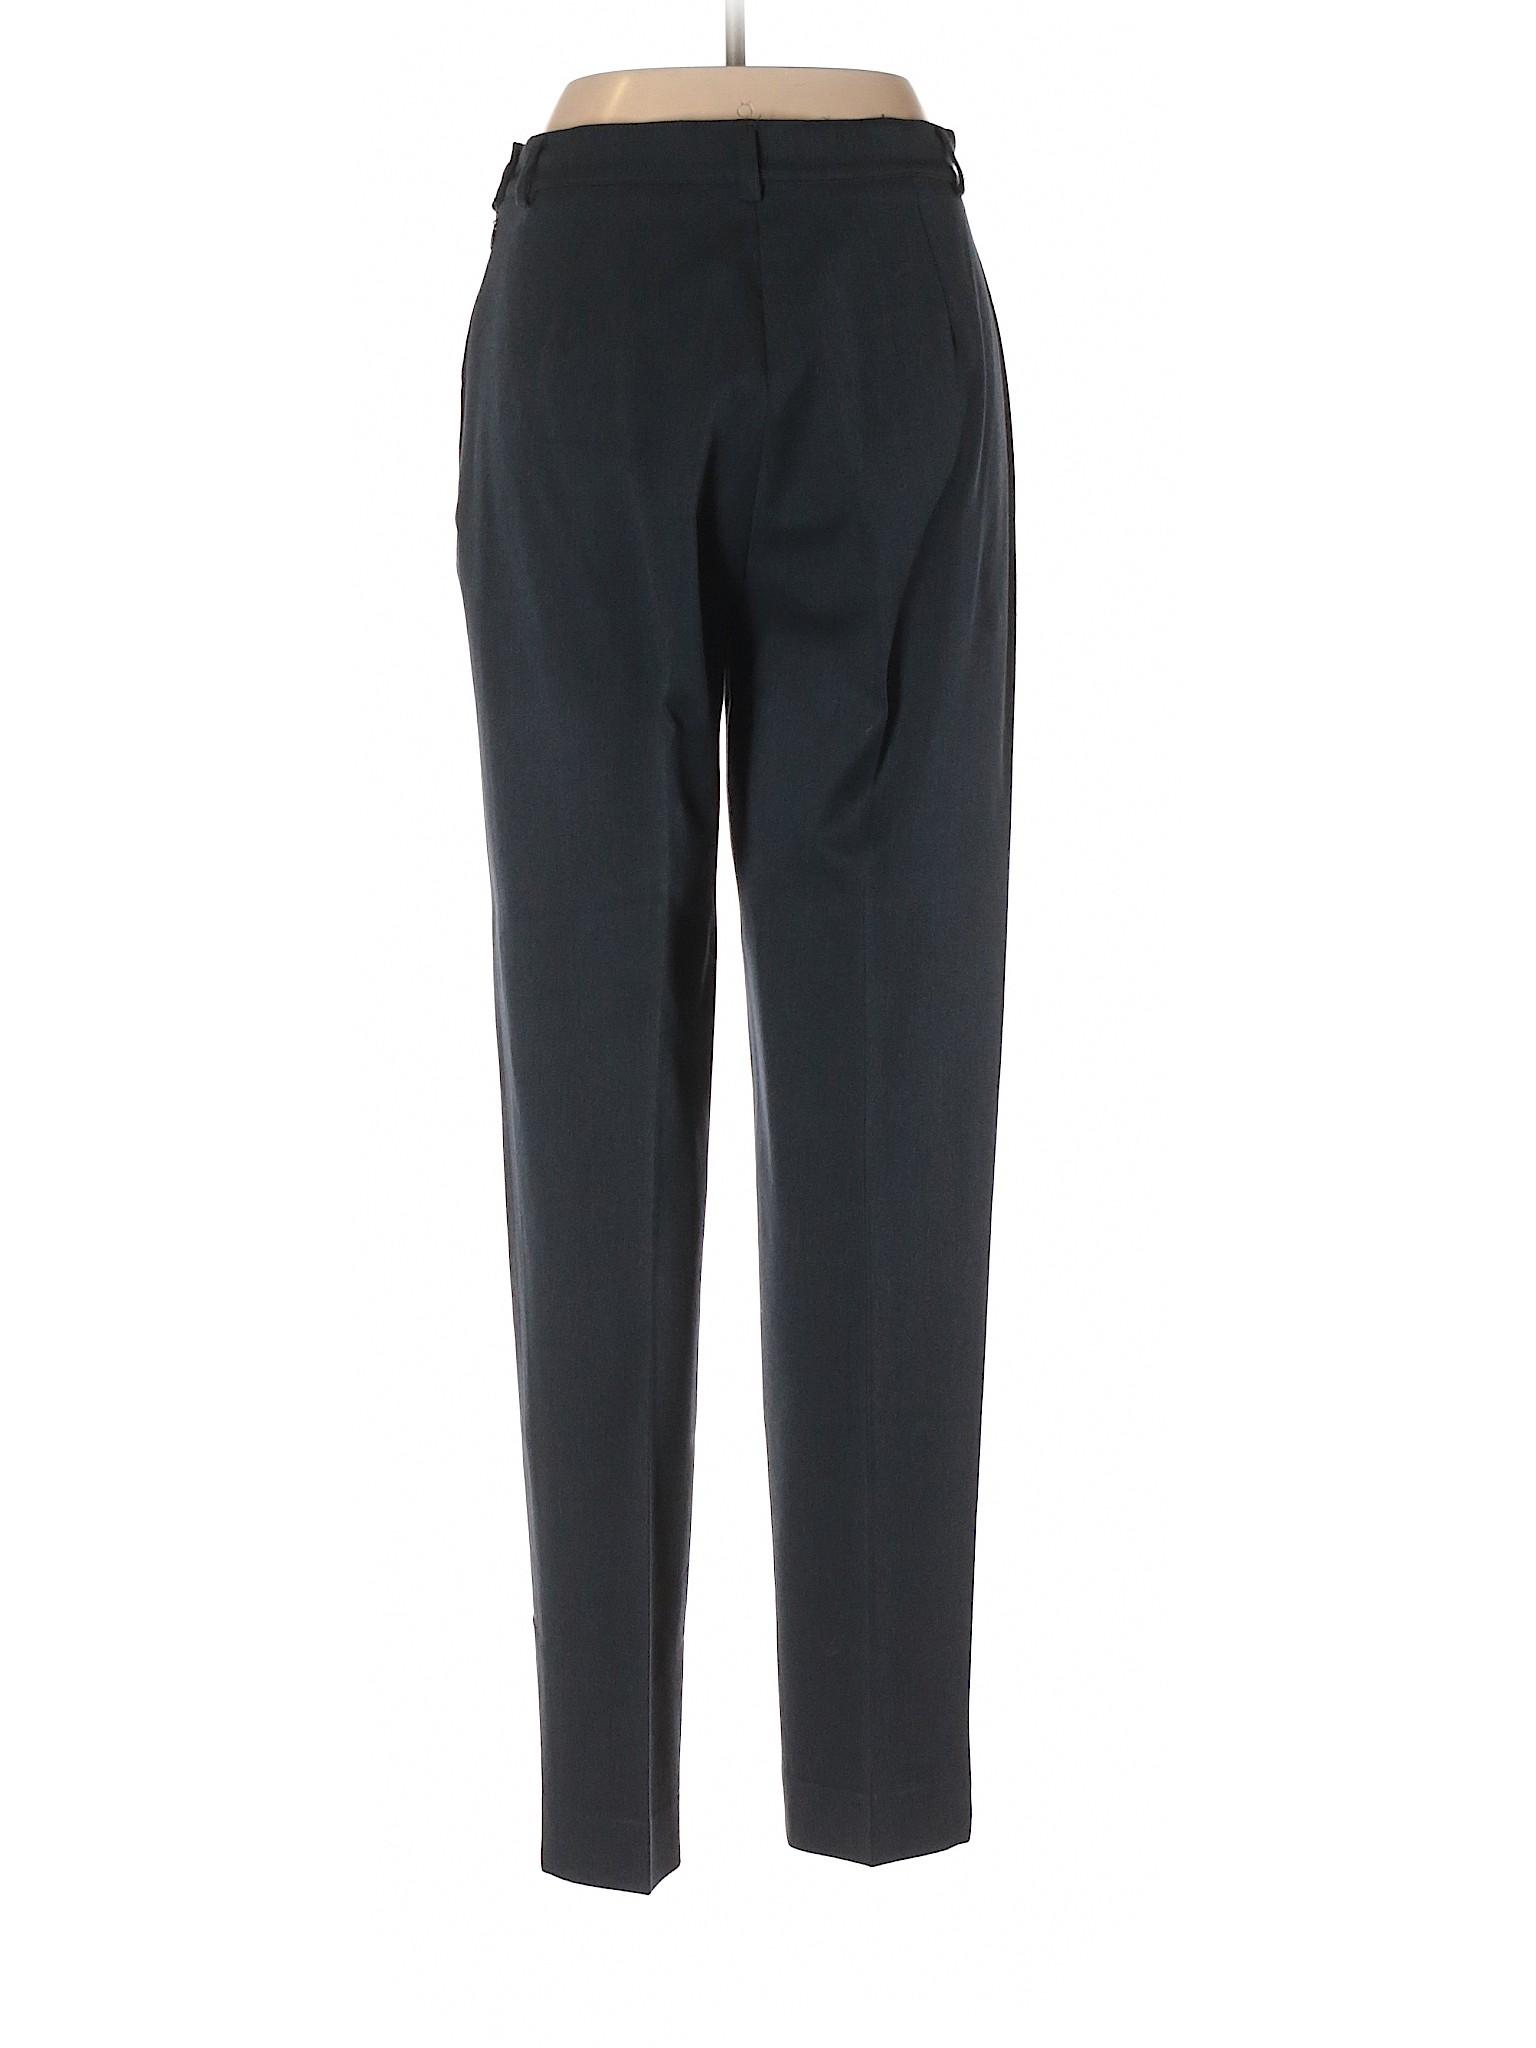 Pants Boutique Fabrizio Fabrizio Boutique Dress Gianni q8gTS7